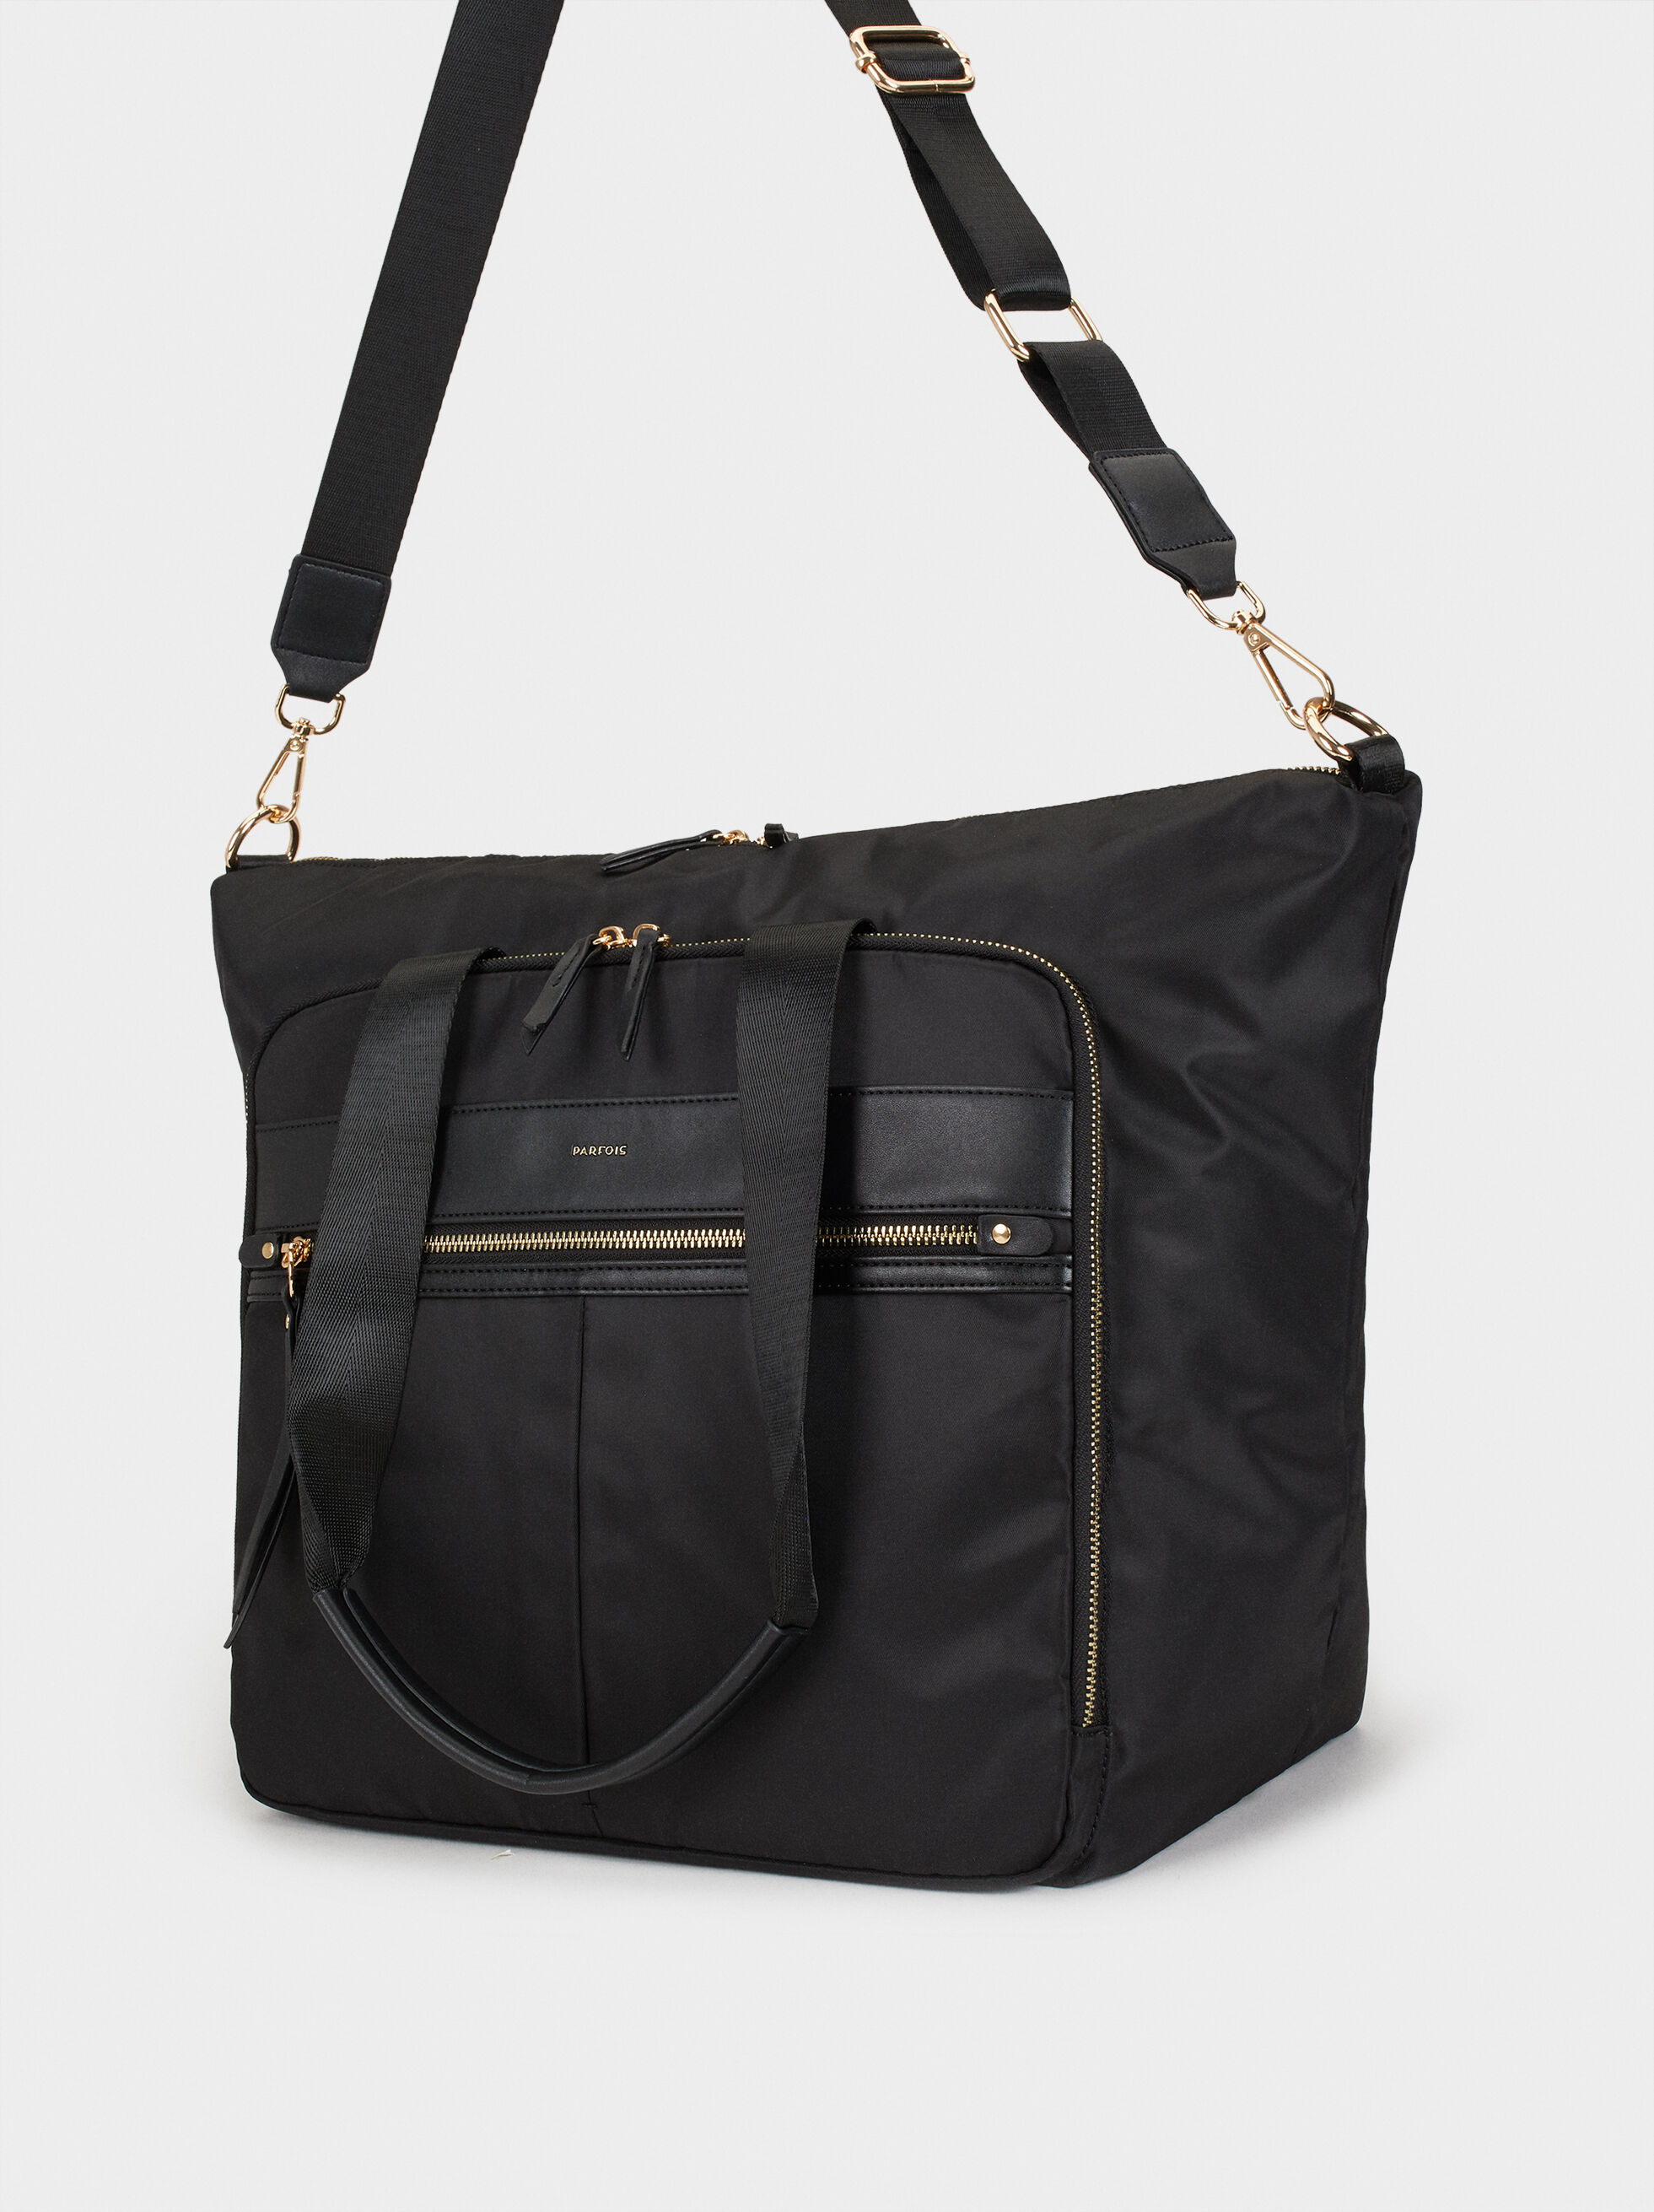 Nylon Weekend Bag, Black, hi-res